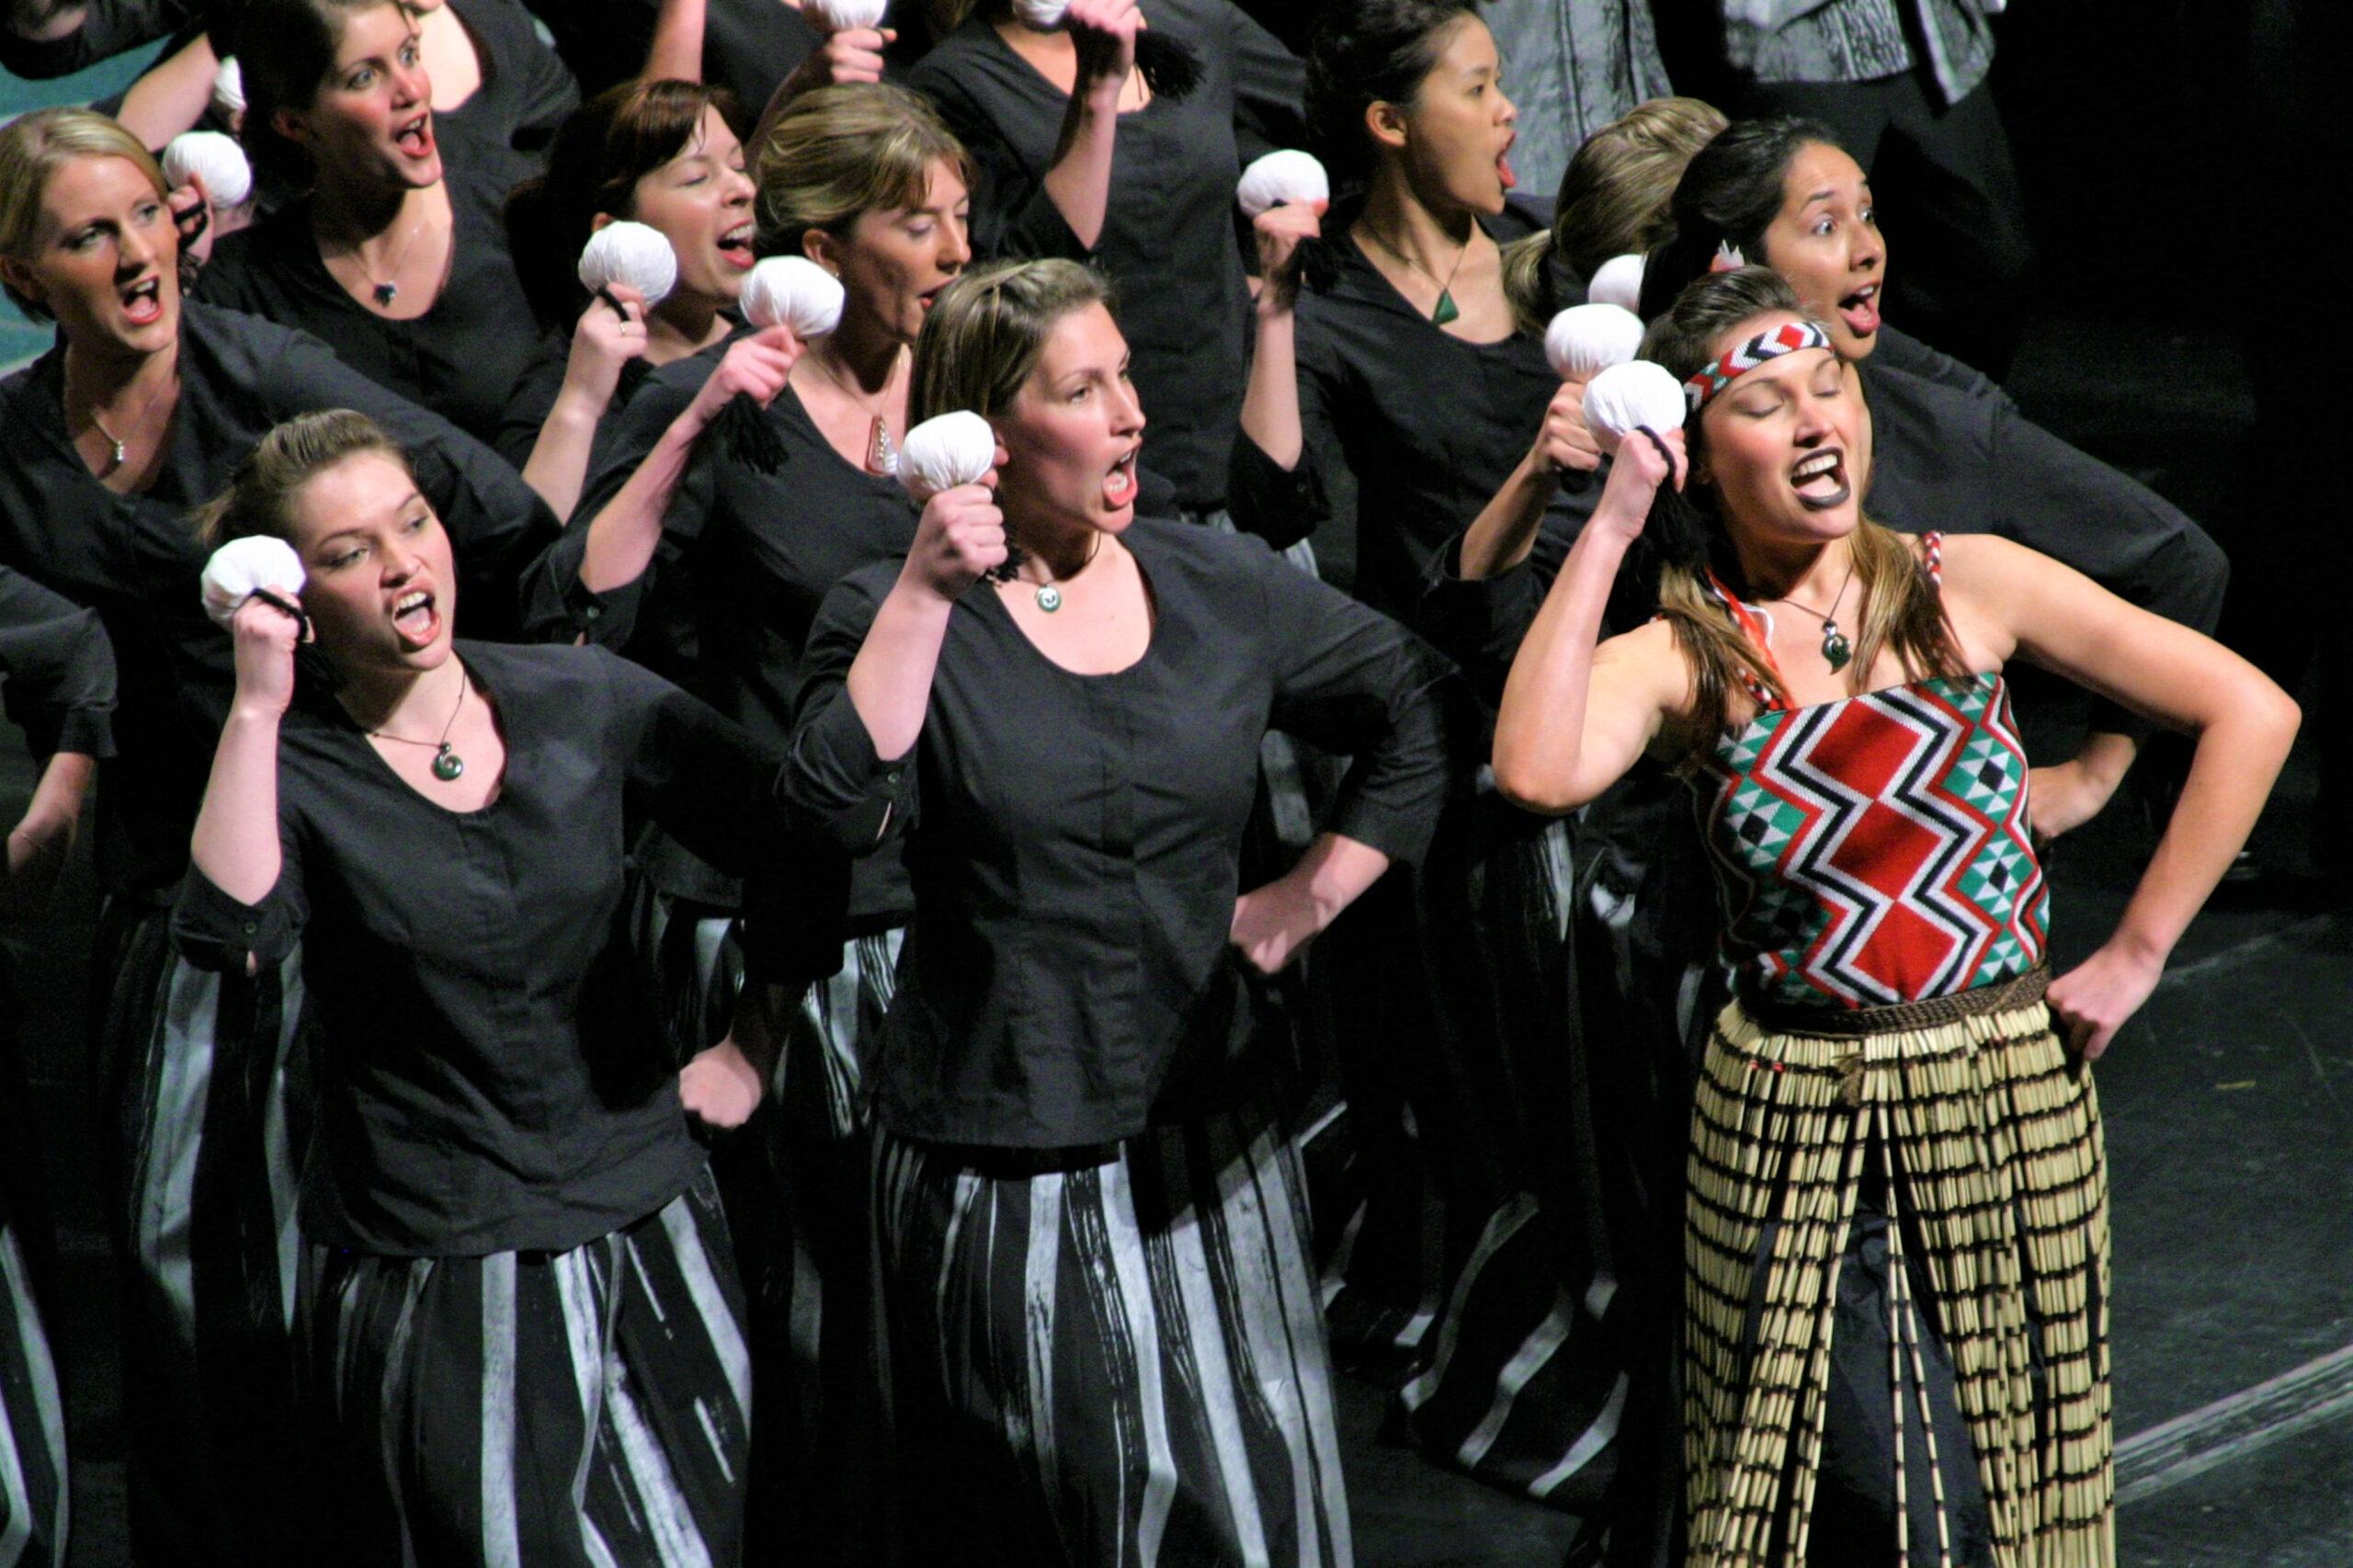 Ki Adams, Kanada: Mladinski pevski zbor Tower na Festivalu 500, 2007, Mladinski pevski zborTower, Nova Zelandija - Novozelandski mladinski pevski zbor, ki je v preteklosti nosil ime Mladinski pevski zbor Tower, je nacionalni mešani pevski zbor, v katerem na avdicijah izbrani pevci, stari od 18 do 25 let, skupaj nastopajo tri leta. Ustanovljen je bil leta 1997, na Festivalu 500 (St. John's Nova Fundlandija, Kanada) pa ga je leta 2007 vodila Karen Grylls.